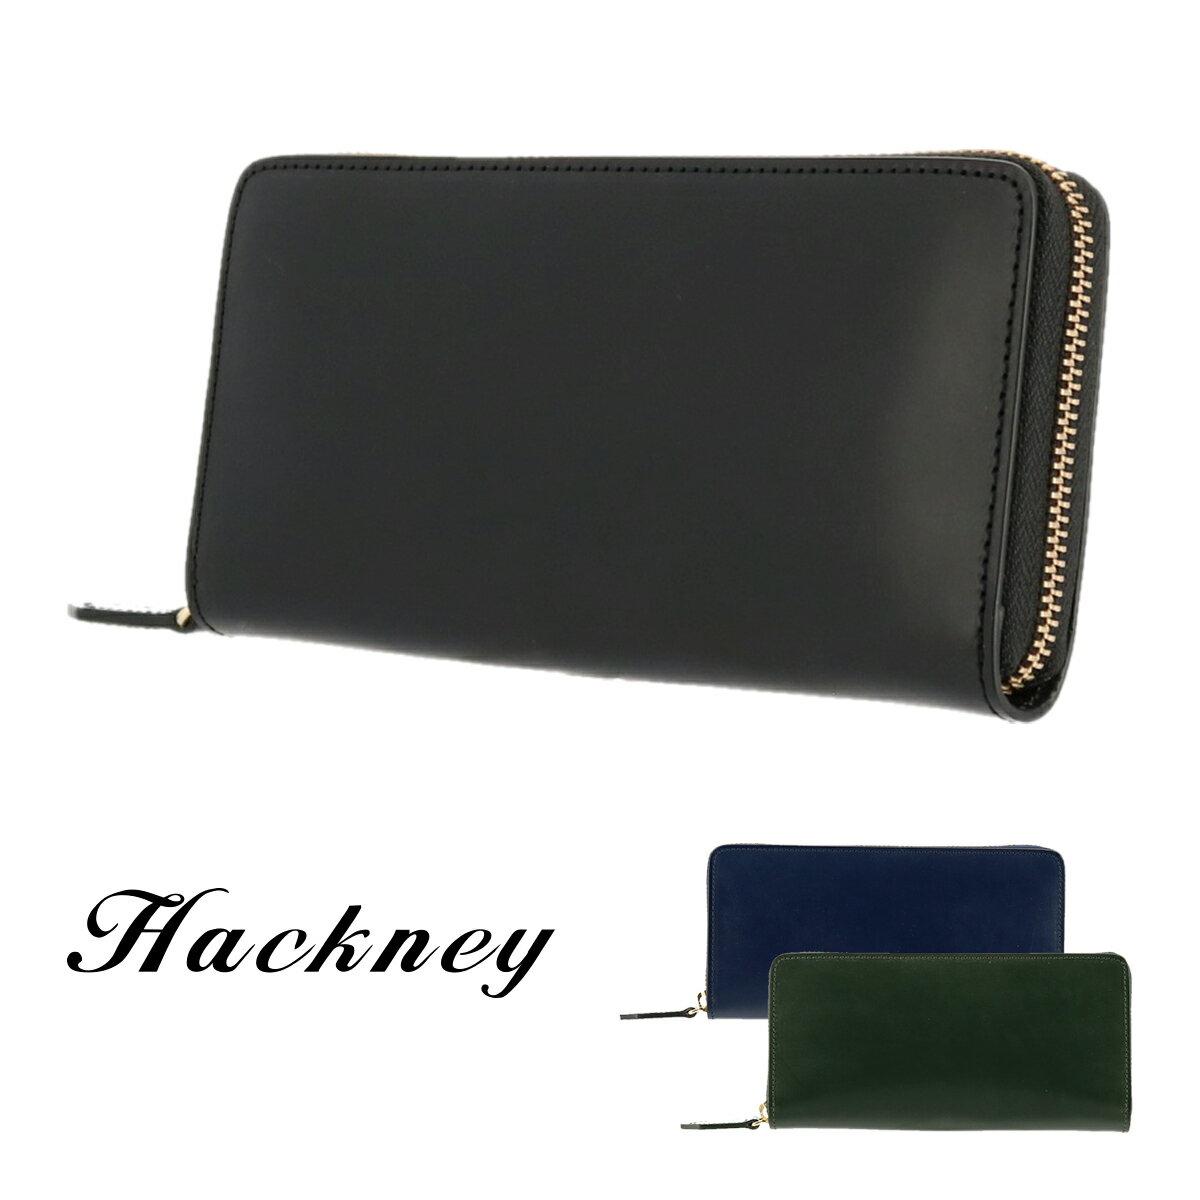 財布・ケース, メンズ財布  HK-013 Hackney PO10bef